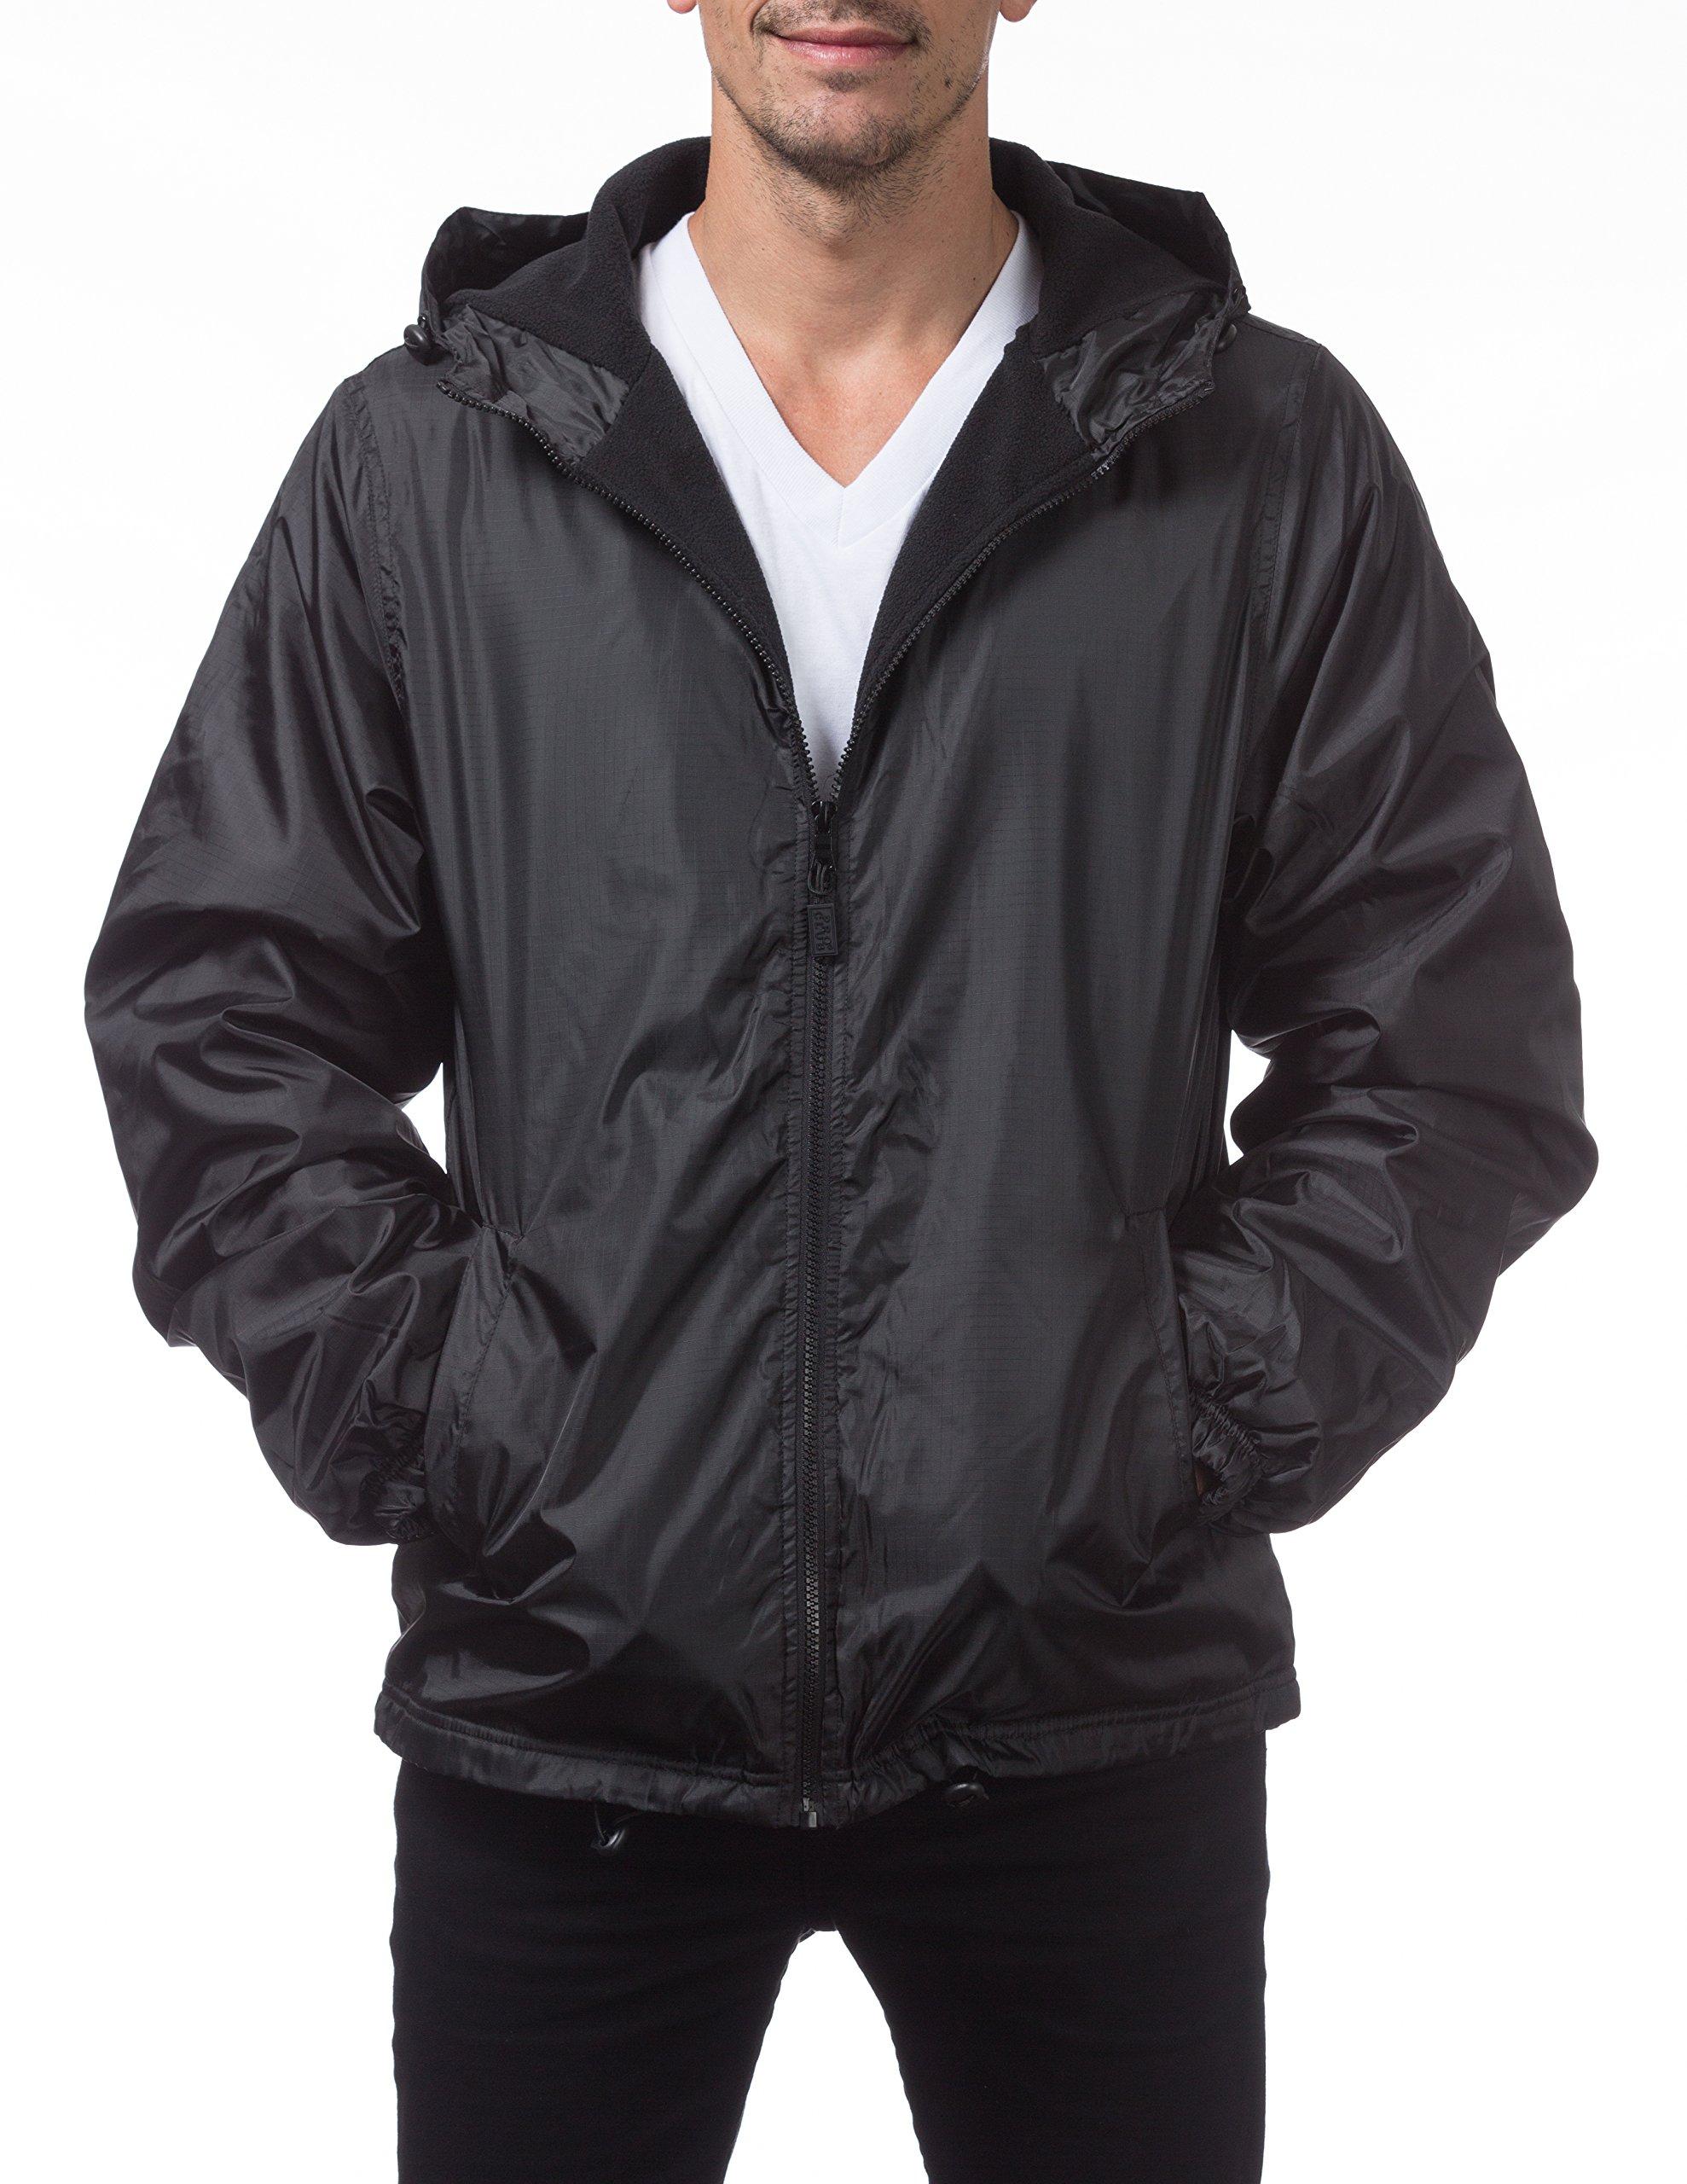 Pro Club Men's Fleece Lined Windbreaker Jacket, 2X-Large, Black